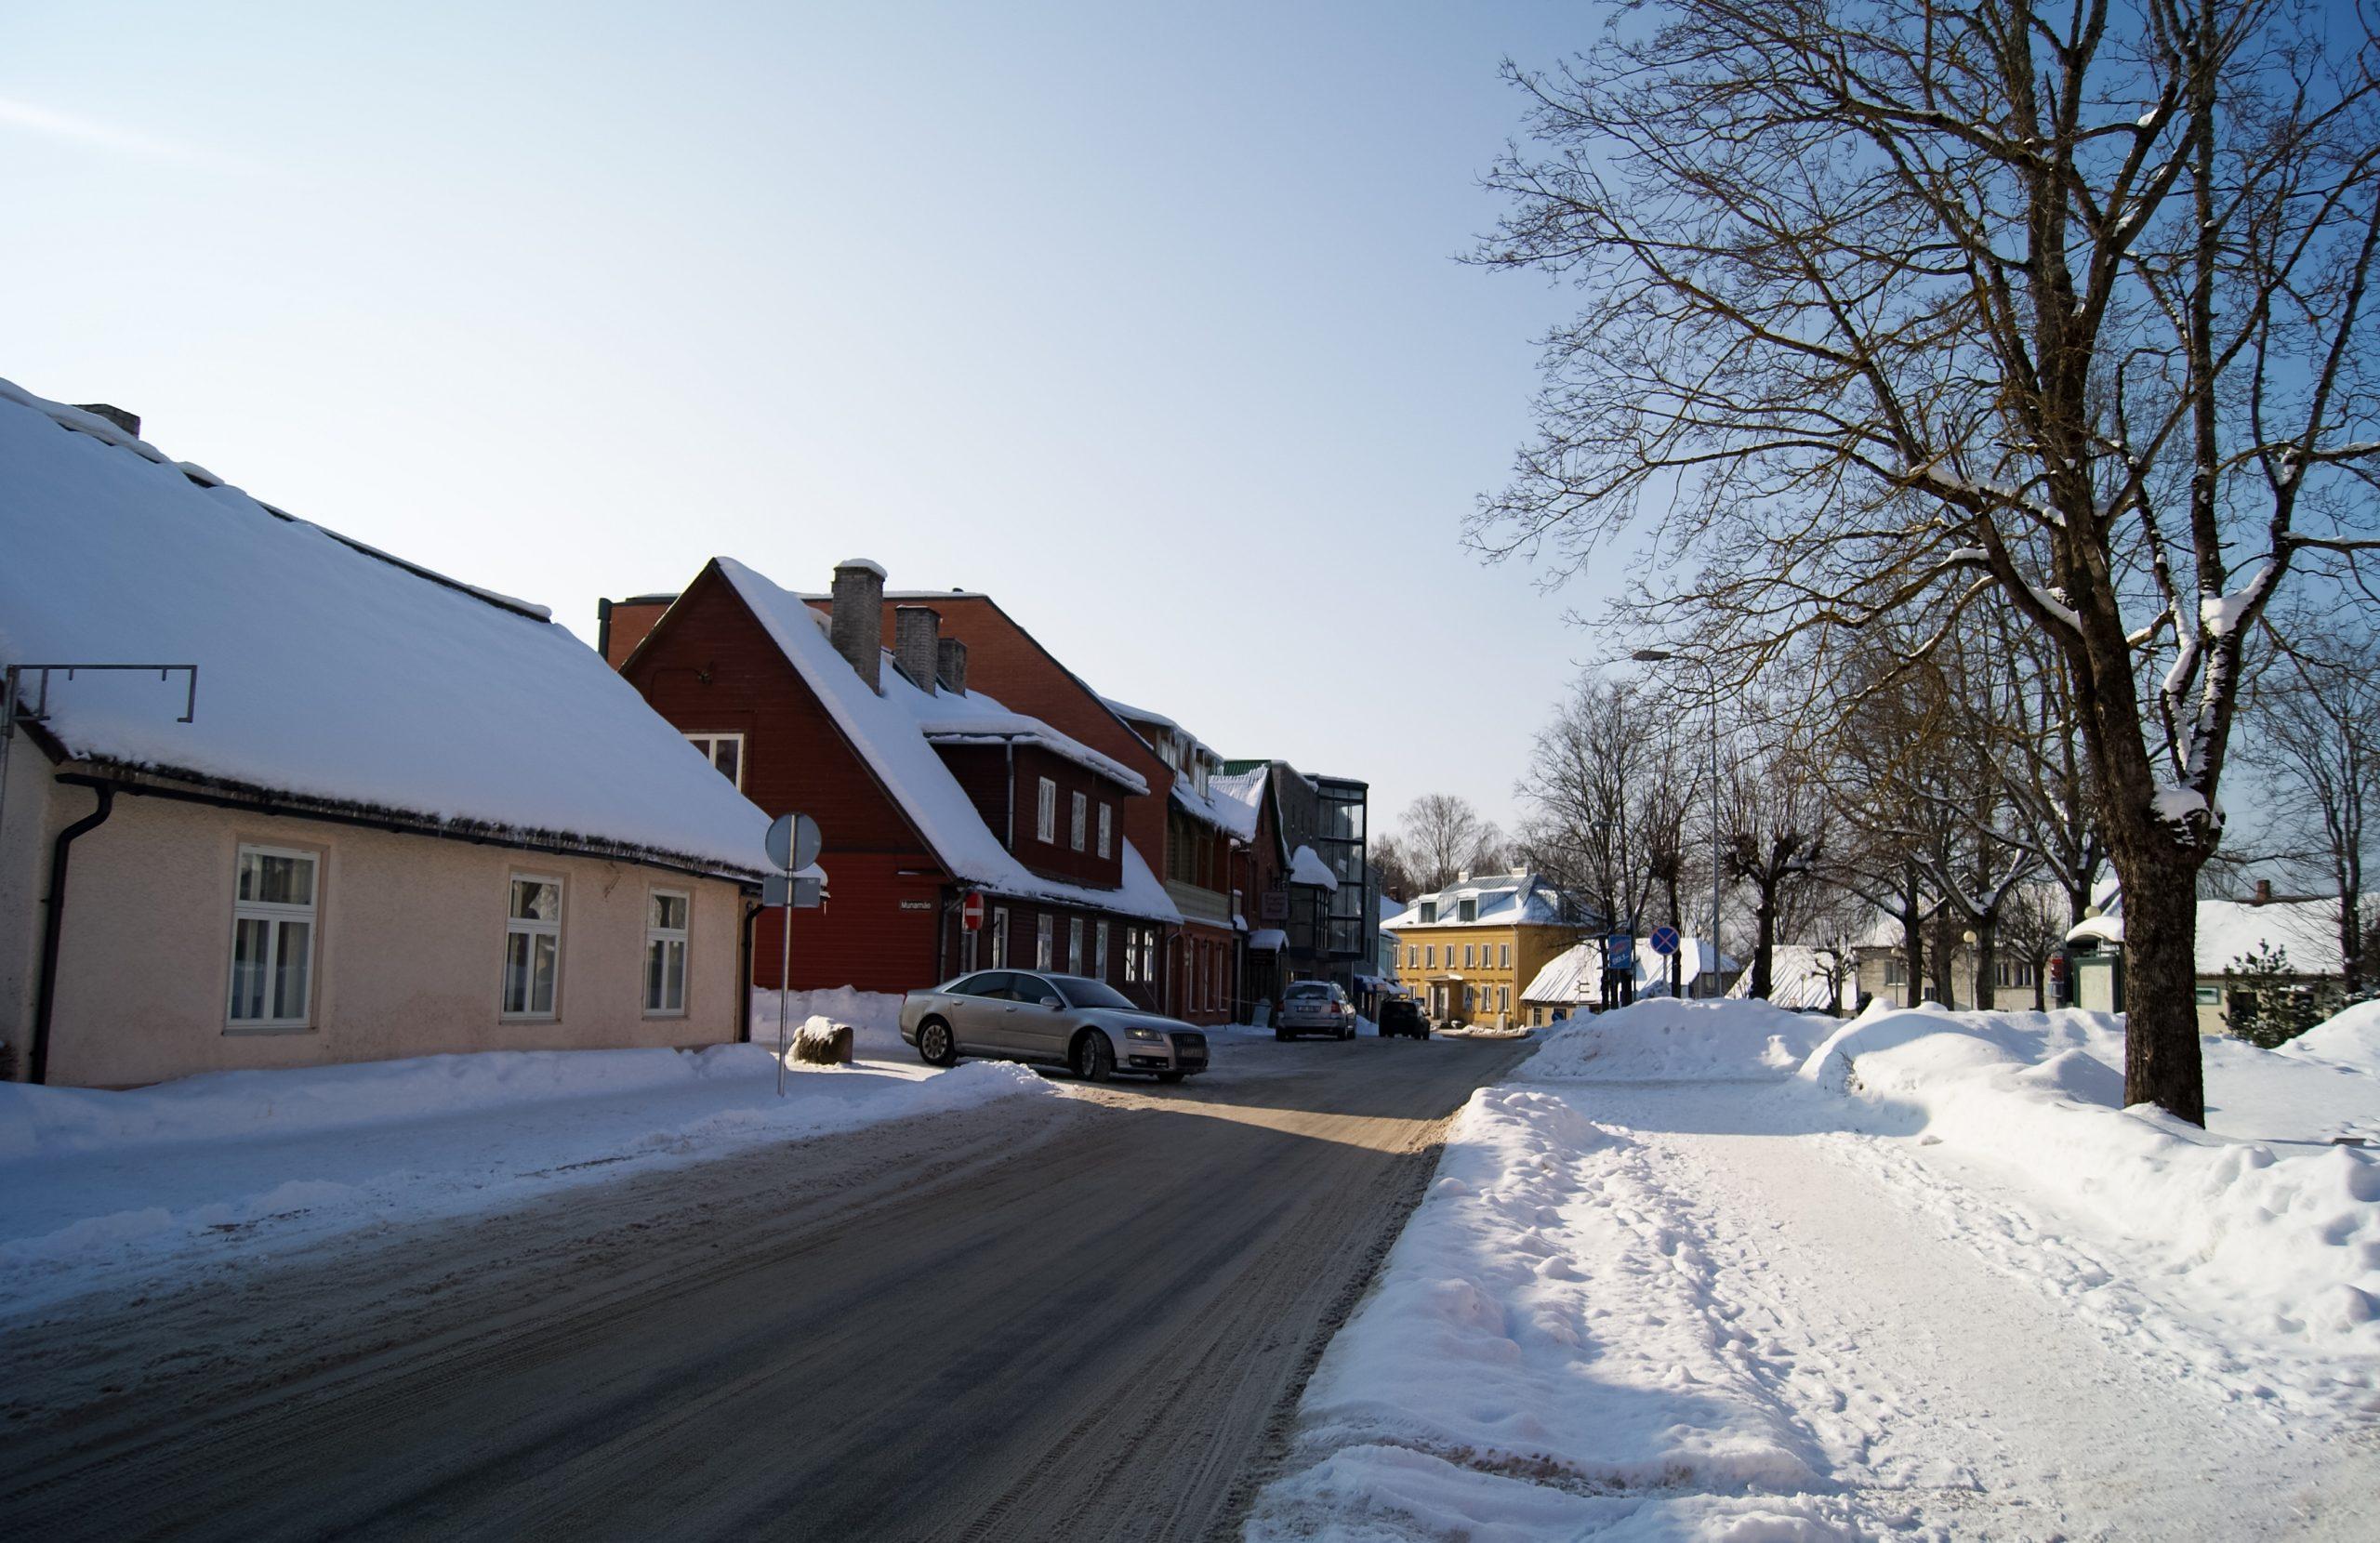 Oteppa In Estonia